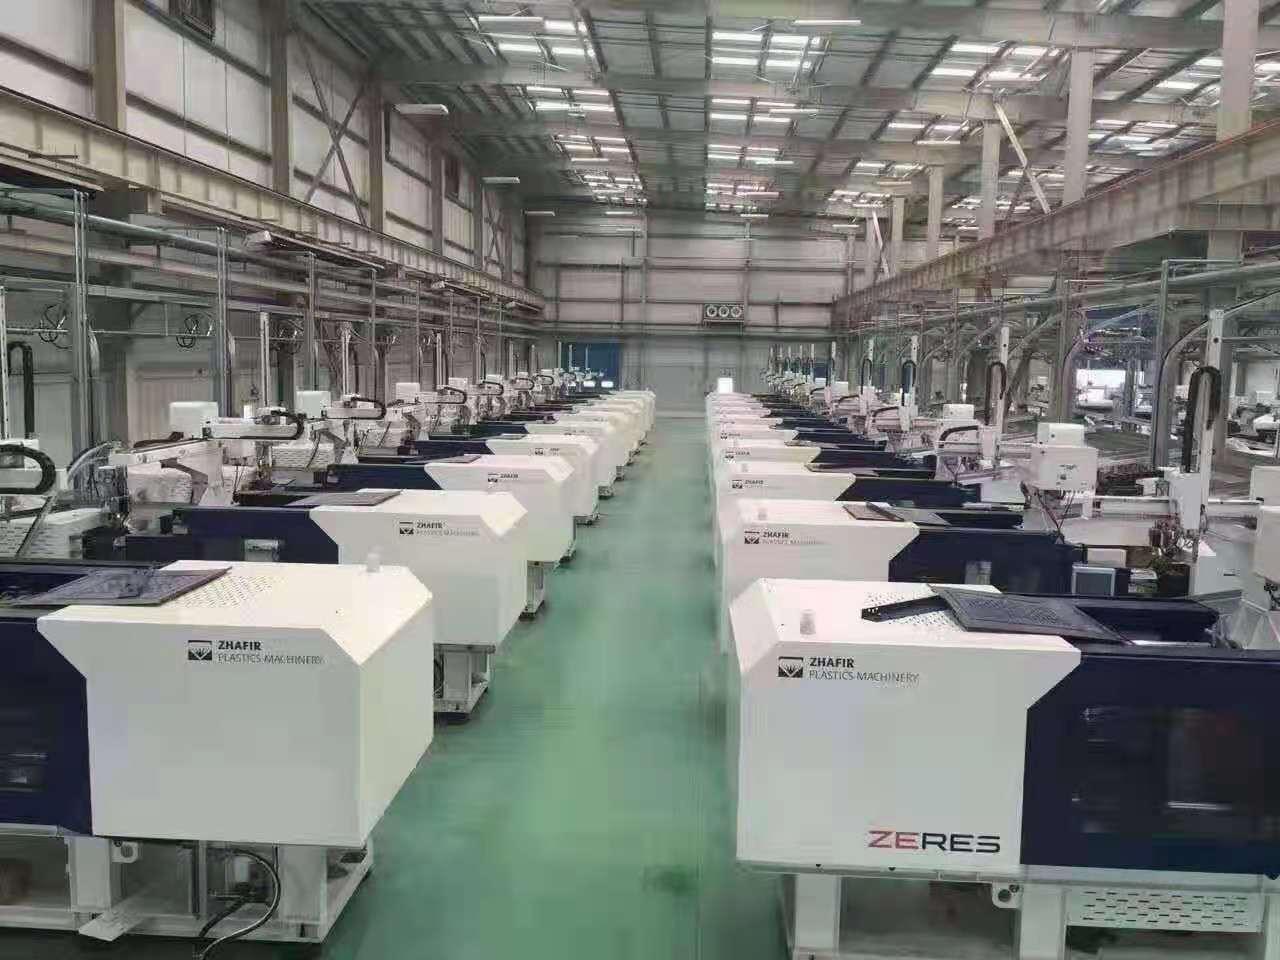 塑世界:上海某日资企业欲收购注塑工厂自用!